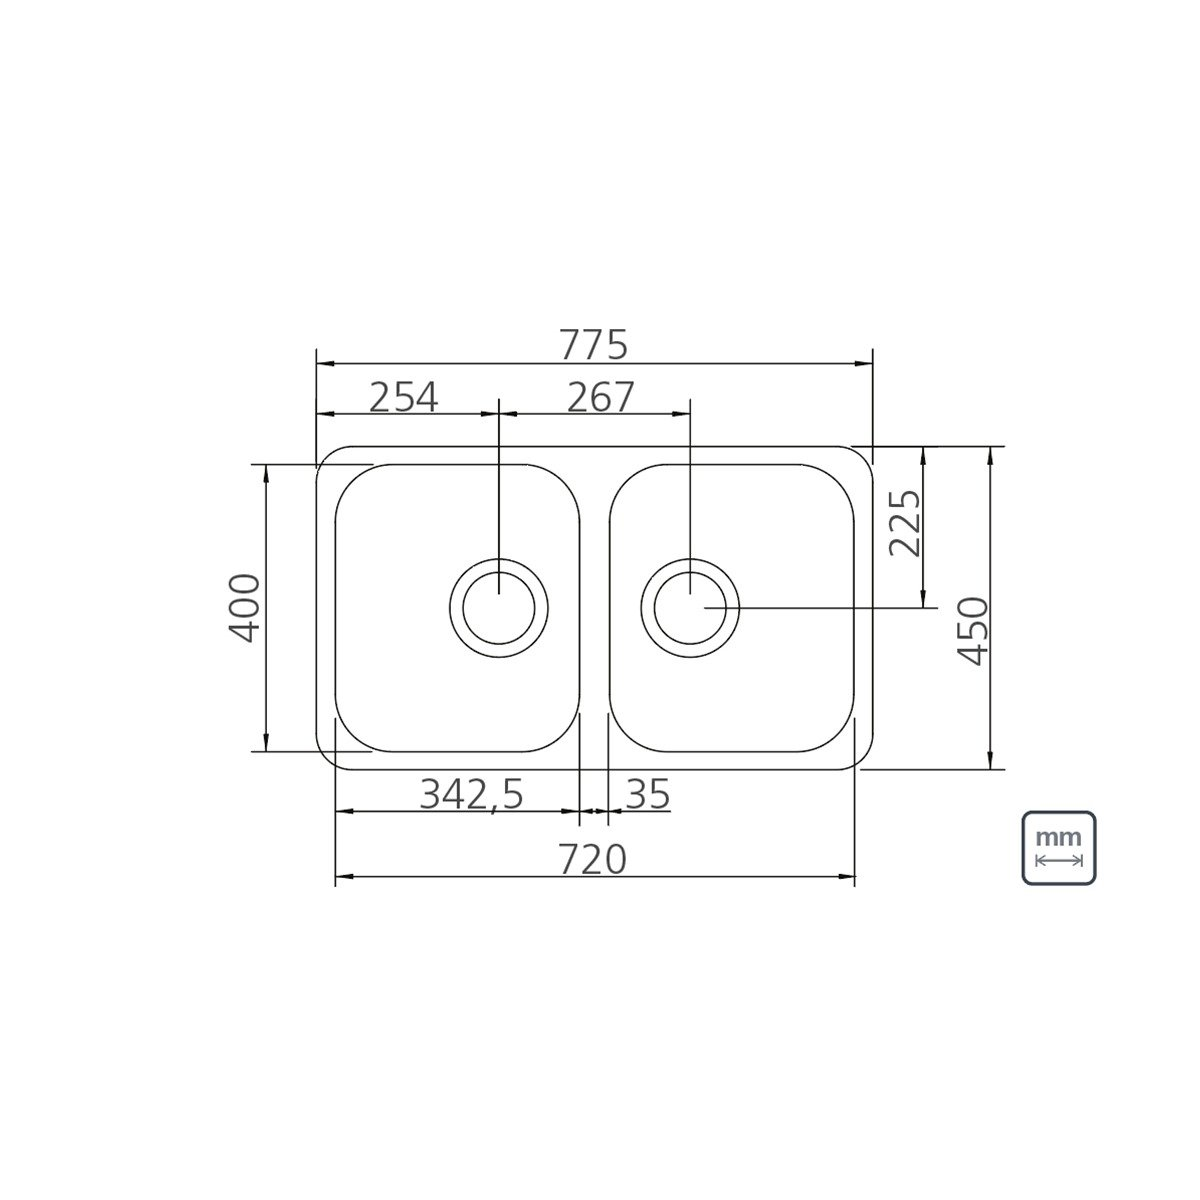 Medidas e Desenho Técnico da Cuba Dupla Retangular Plus 2C 34 BL